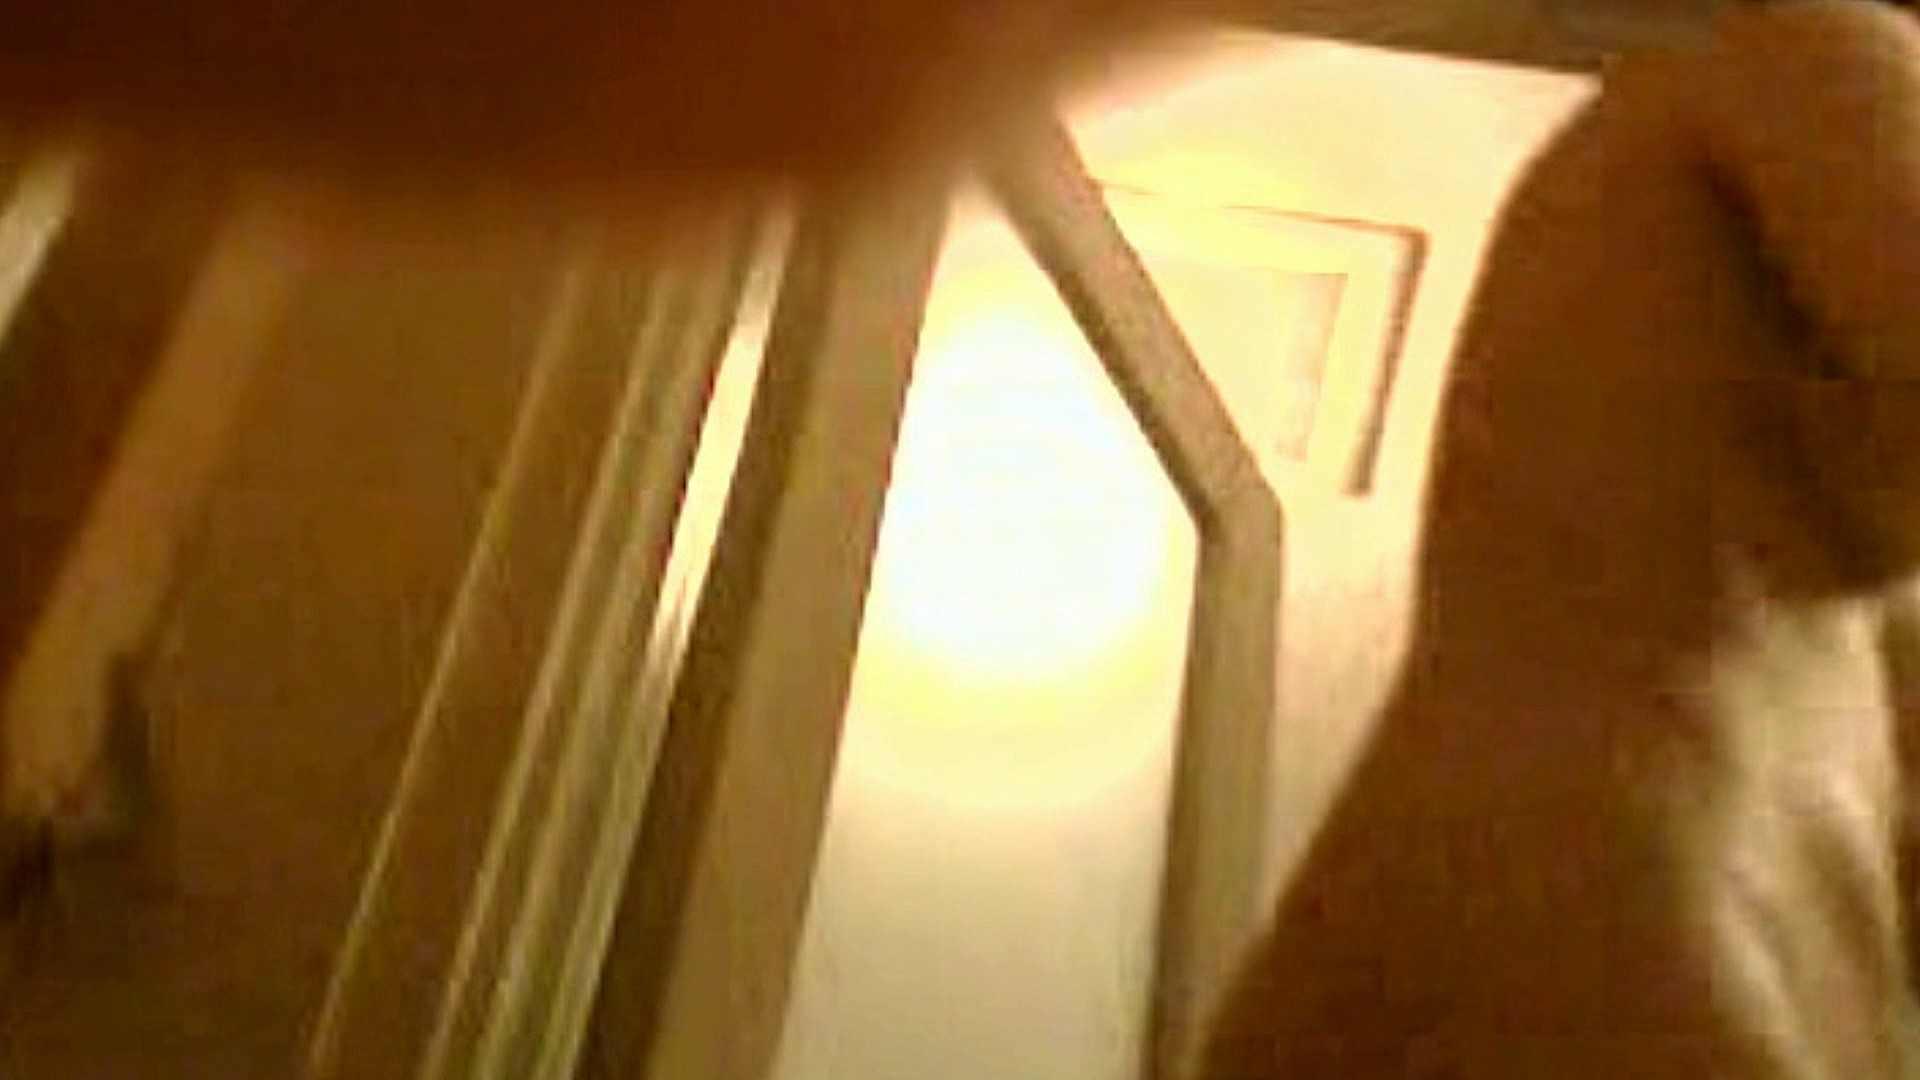 ▲復活限定D▲ややぽちゃ童顔の カナちゃん Vol.03 脱衣編 期間限定動画 おめこ無修正画像 96枚 40